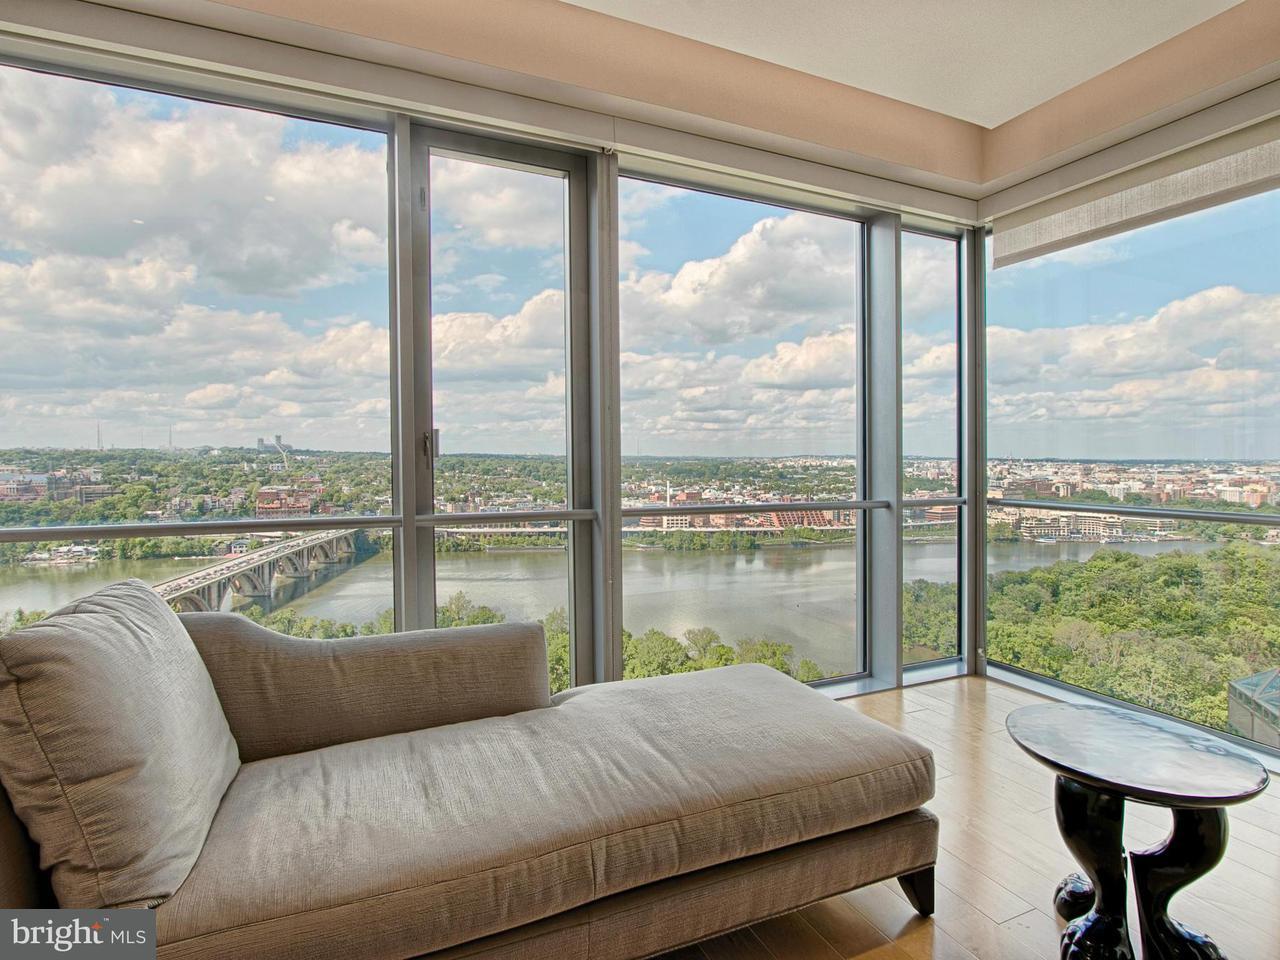 Eigentumswohnung für Verkauf beim 1111 19TH ST N #2801 1111 19TH ST N #2801 Arlington, Virginia 22209 Vereinigte Staaten